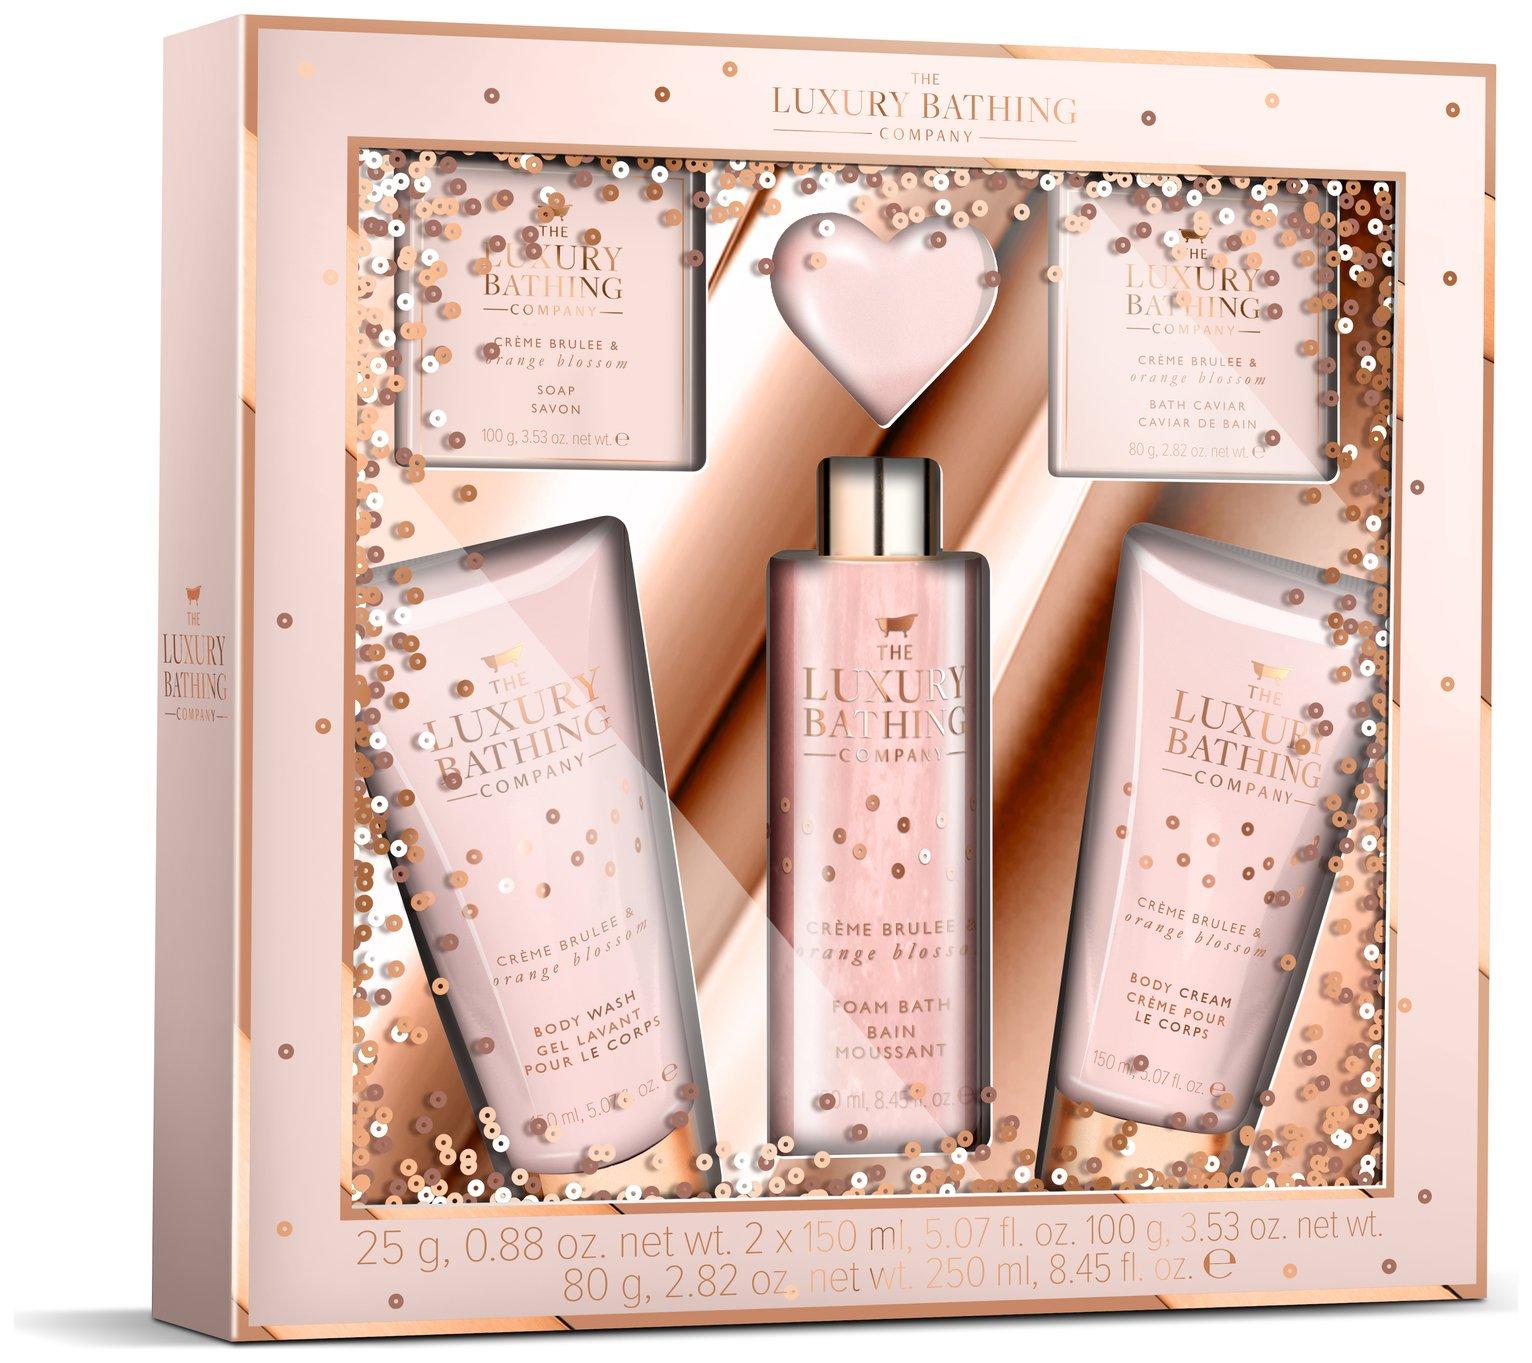 The Luxury Bathing Company Creme Brule Gift Set